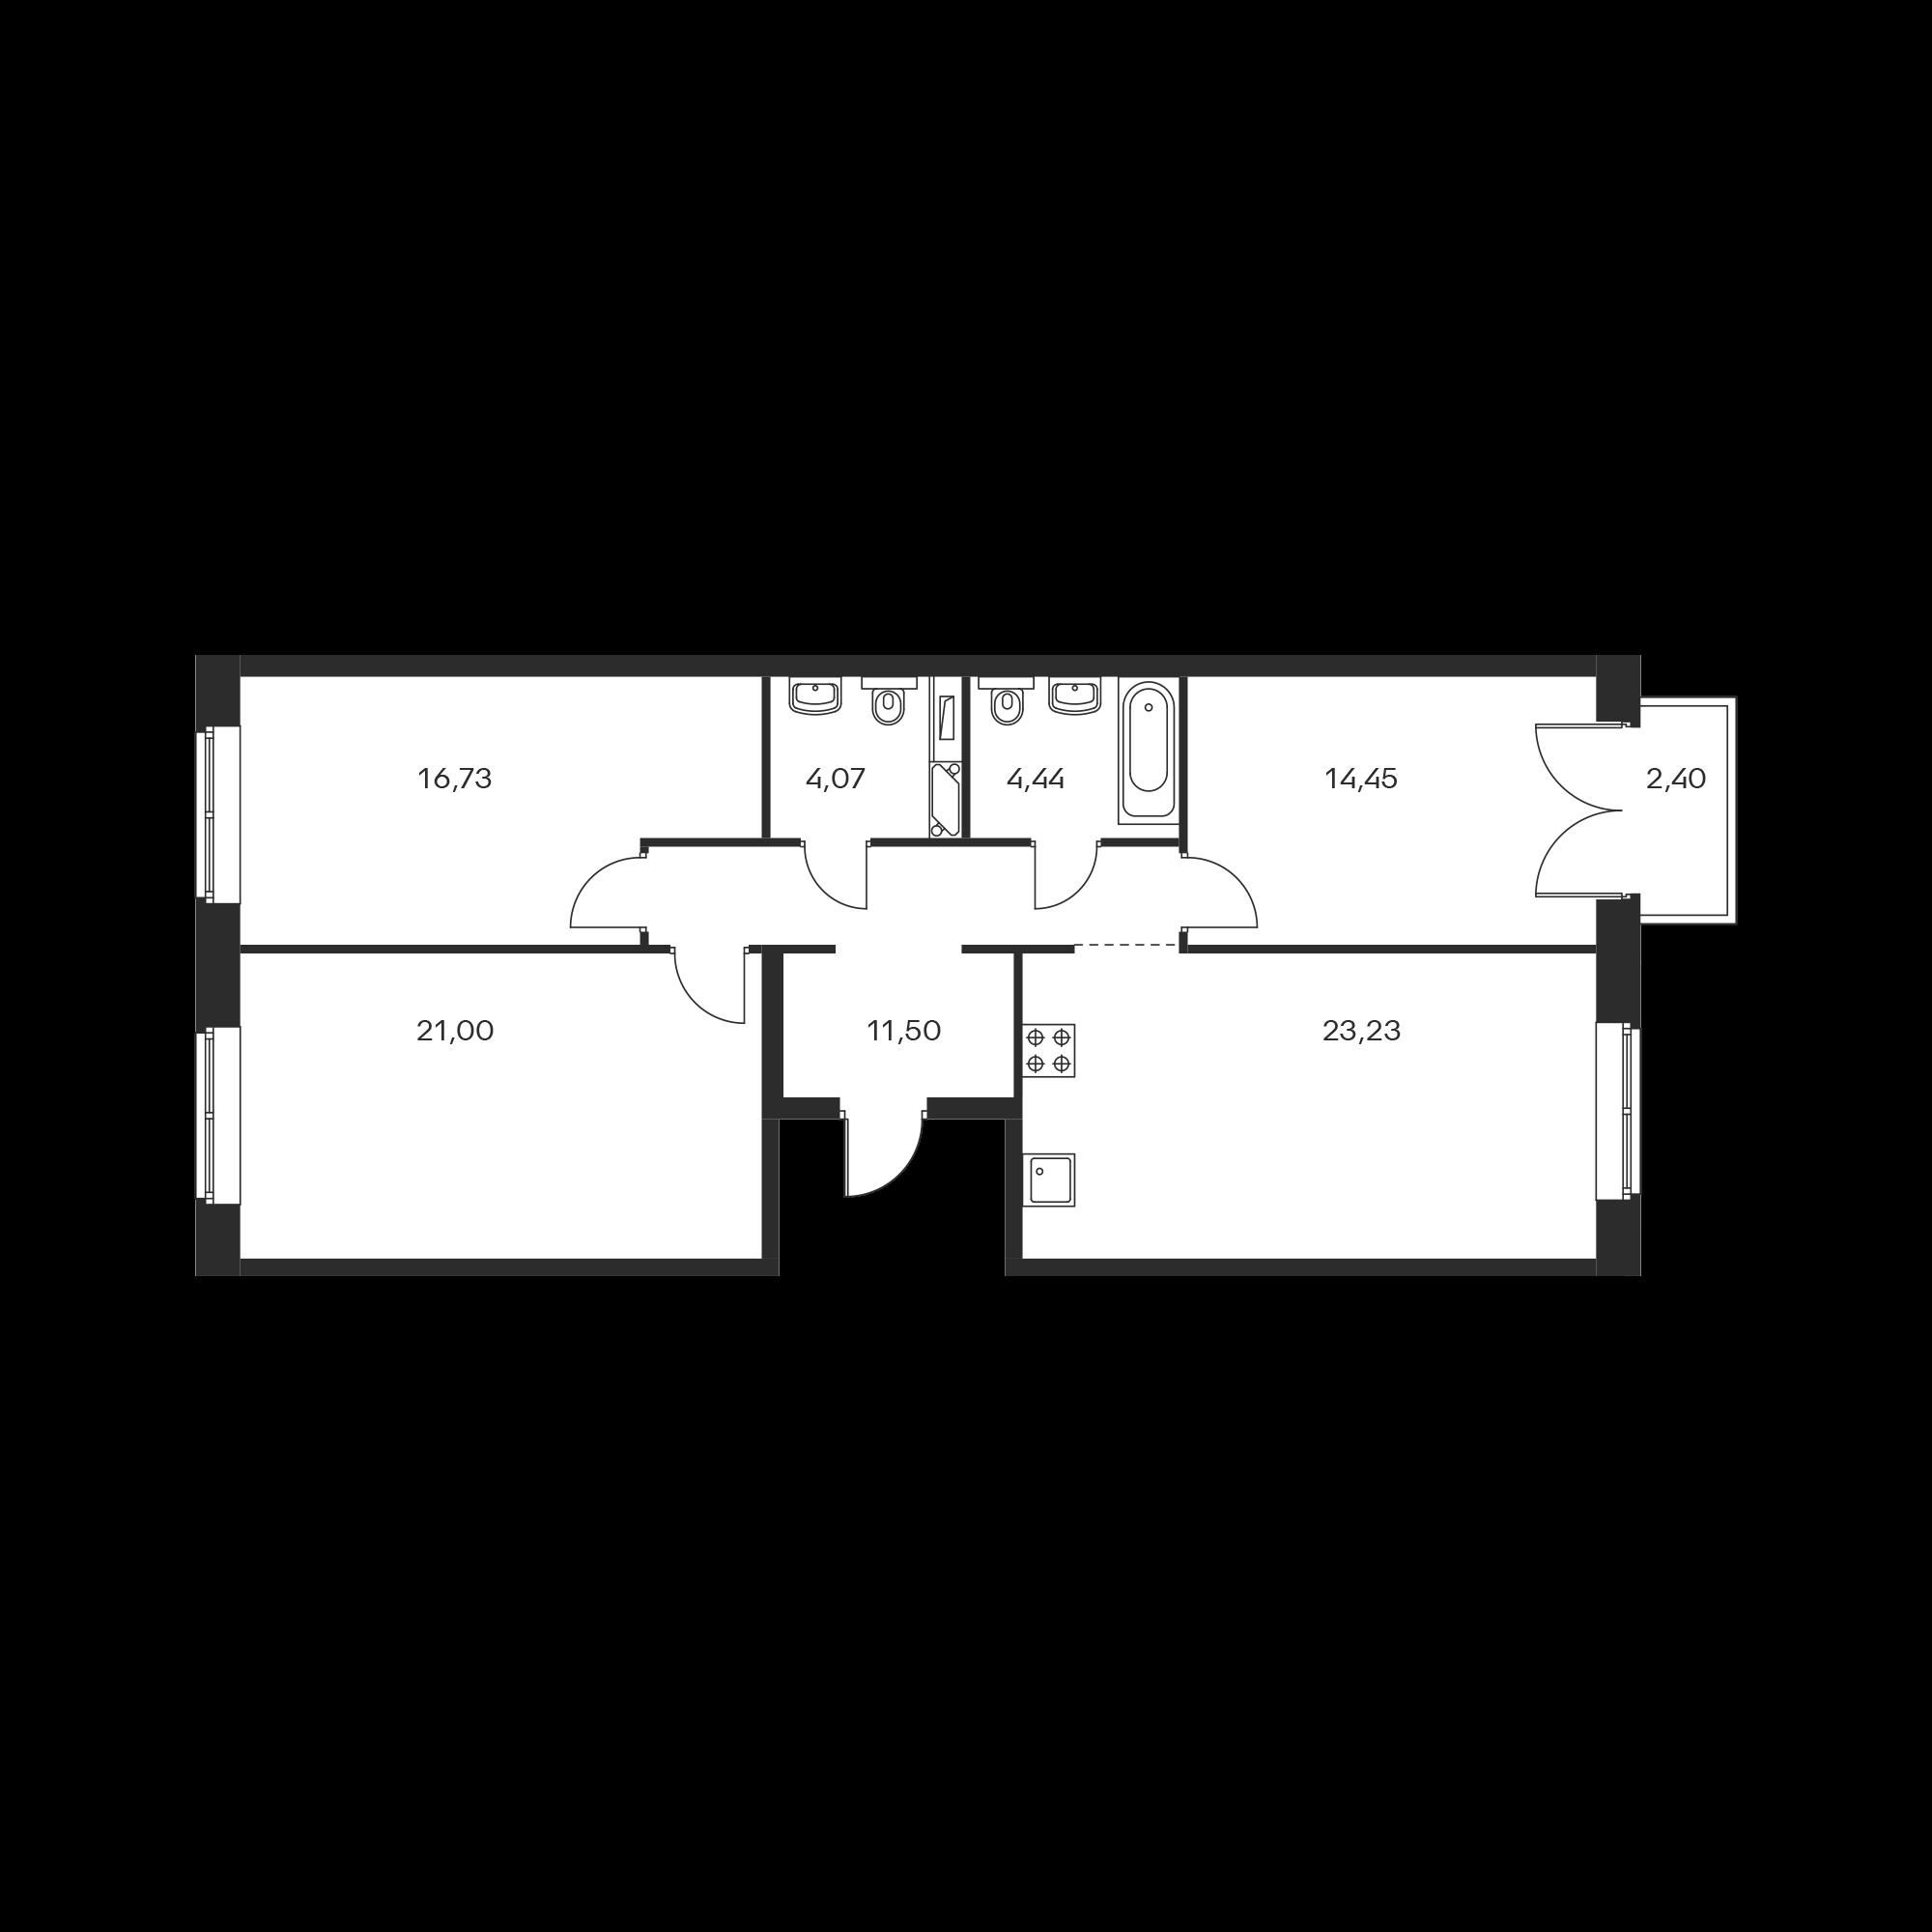 3-комнатная 96.14 м²